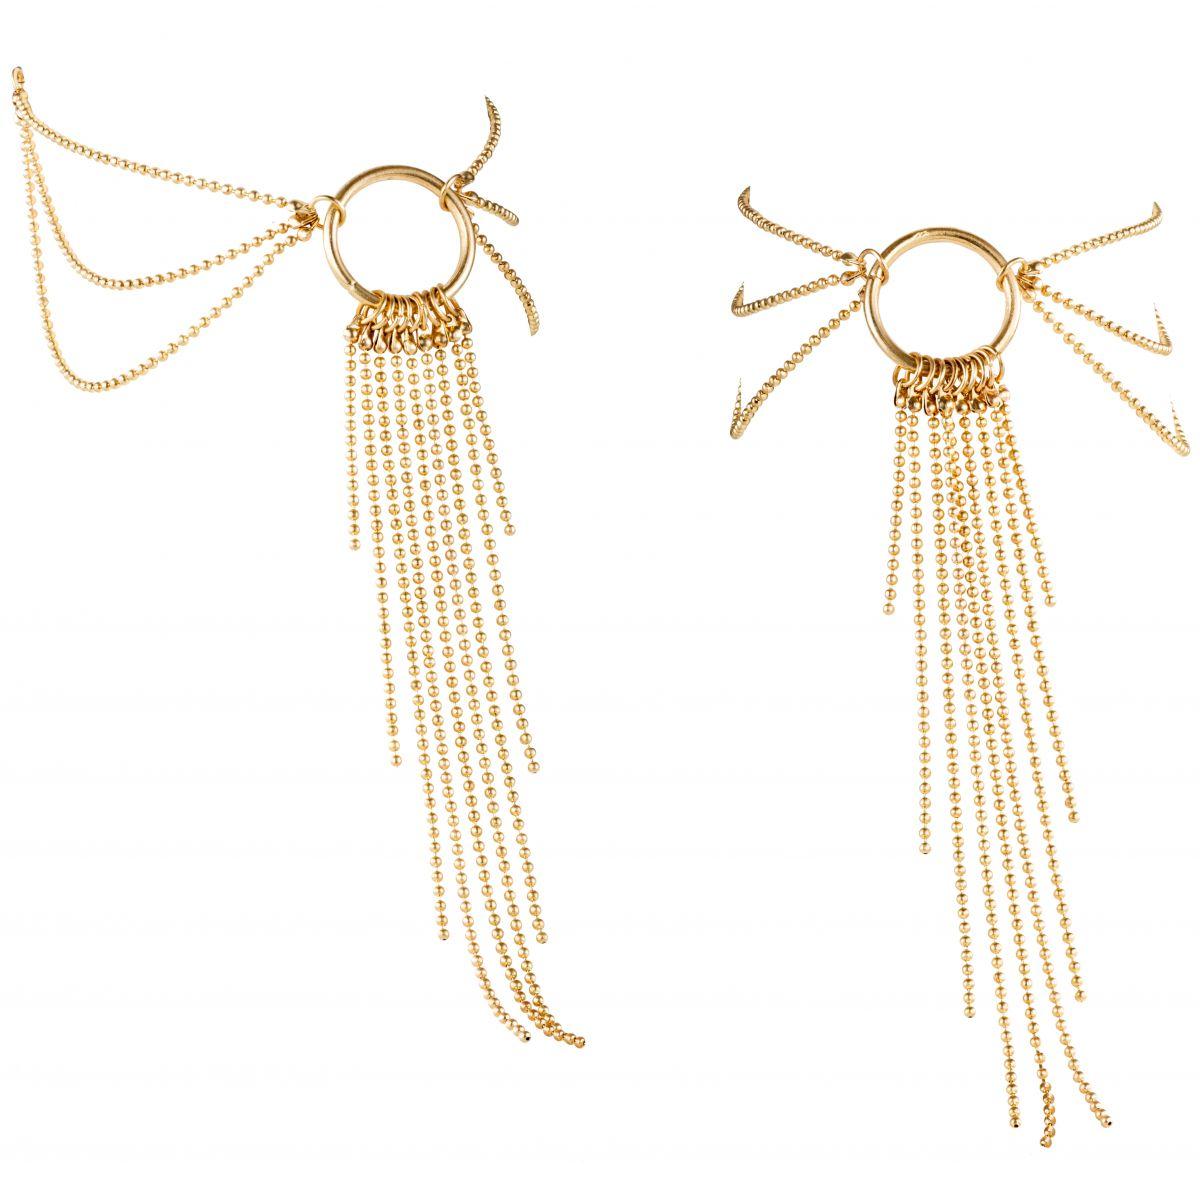 Ozdoba na kotníky Magnifique (zlatá)